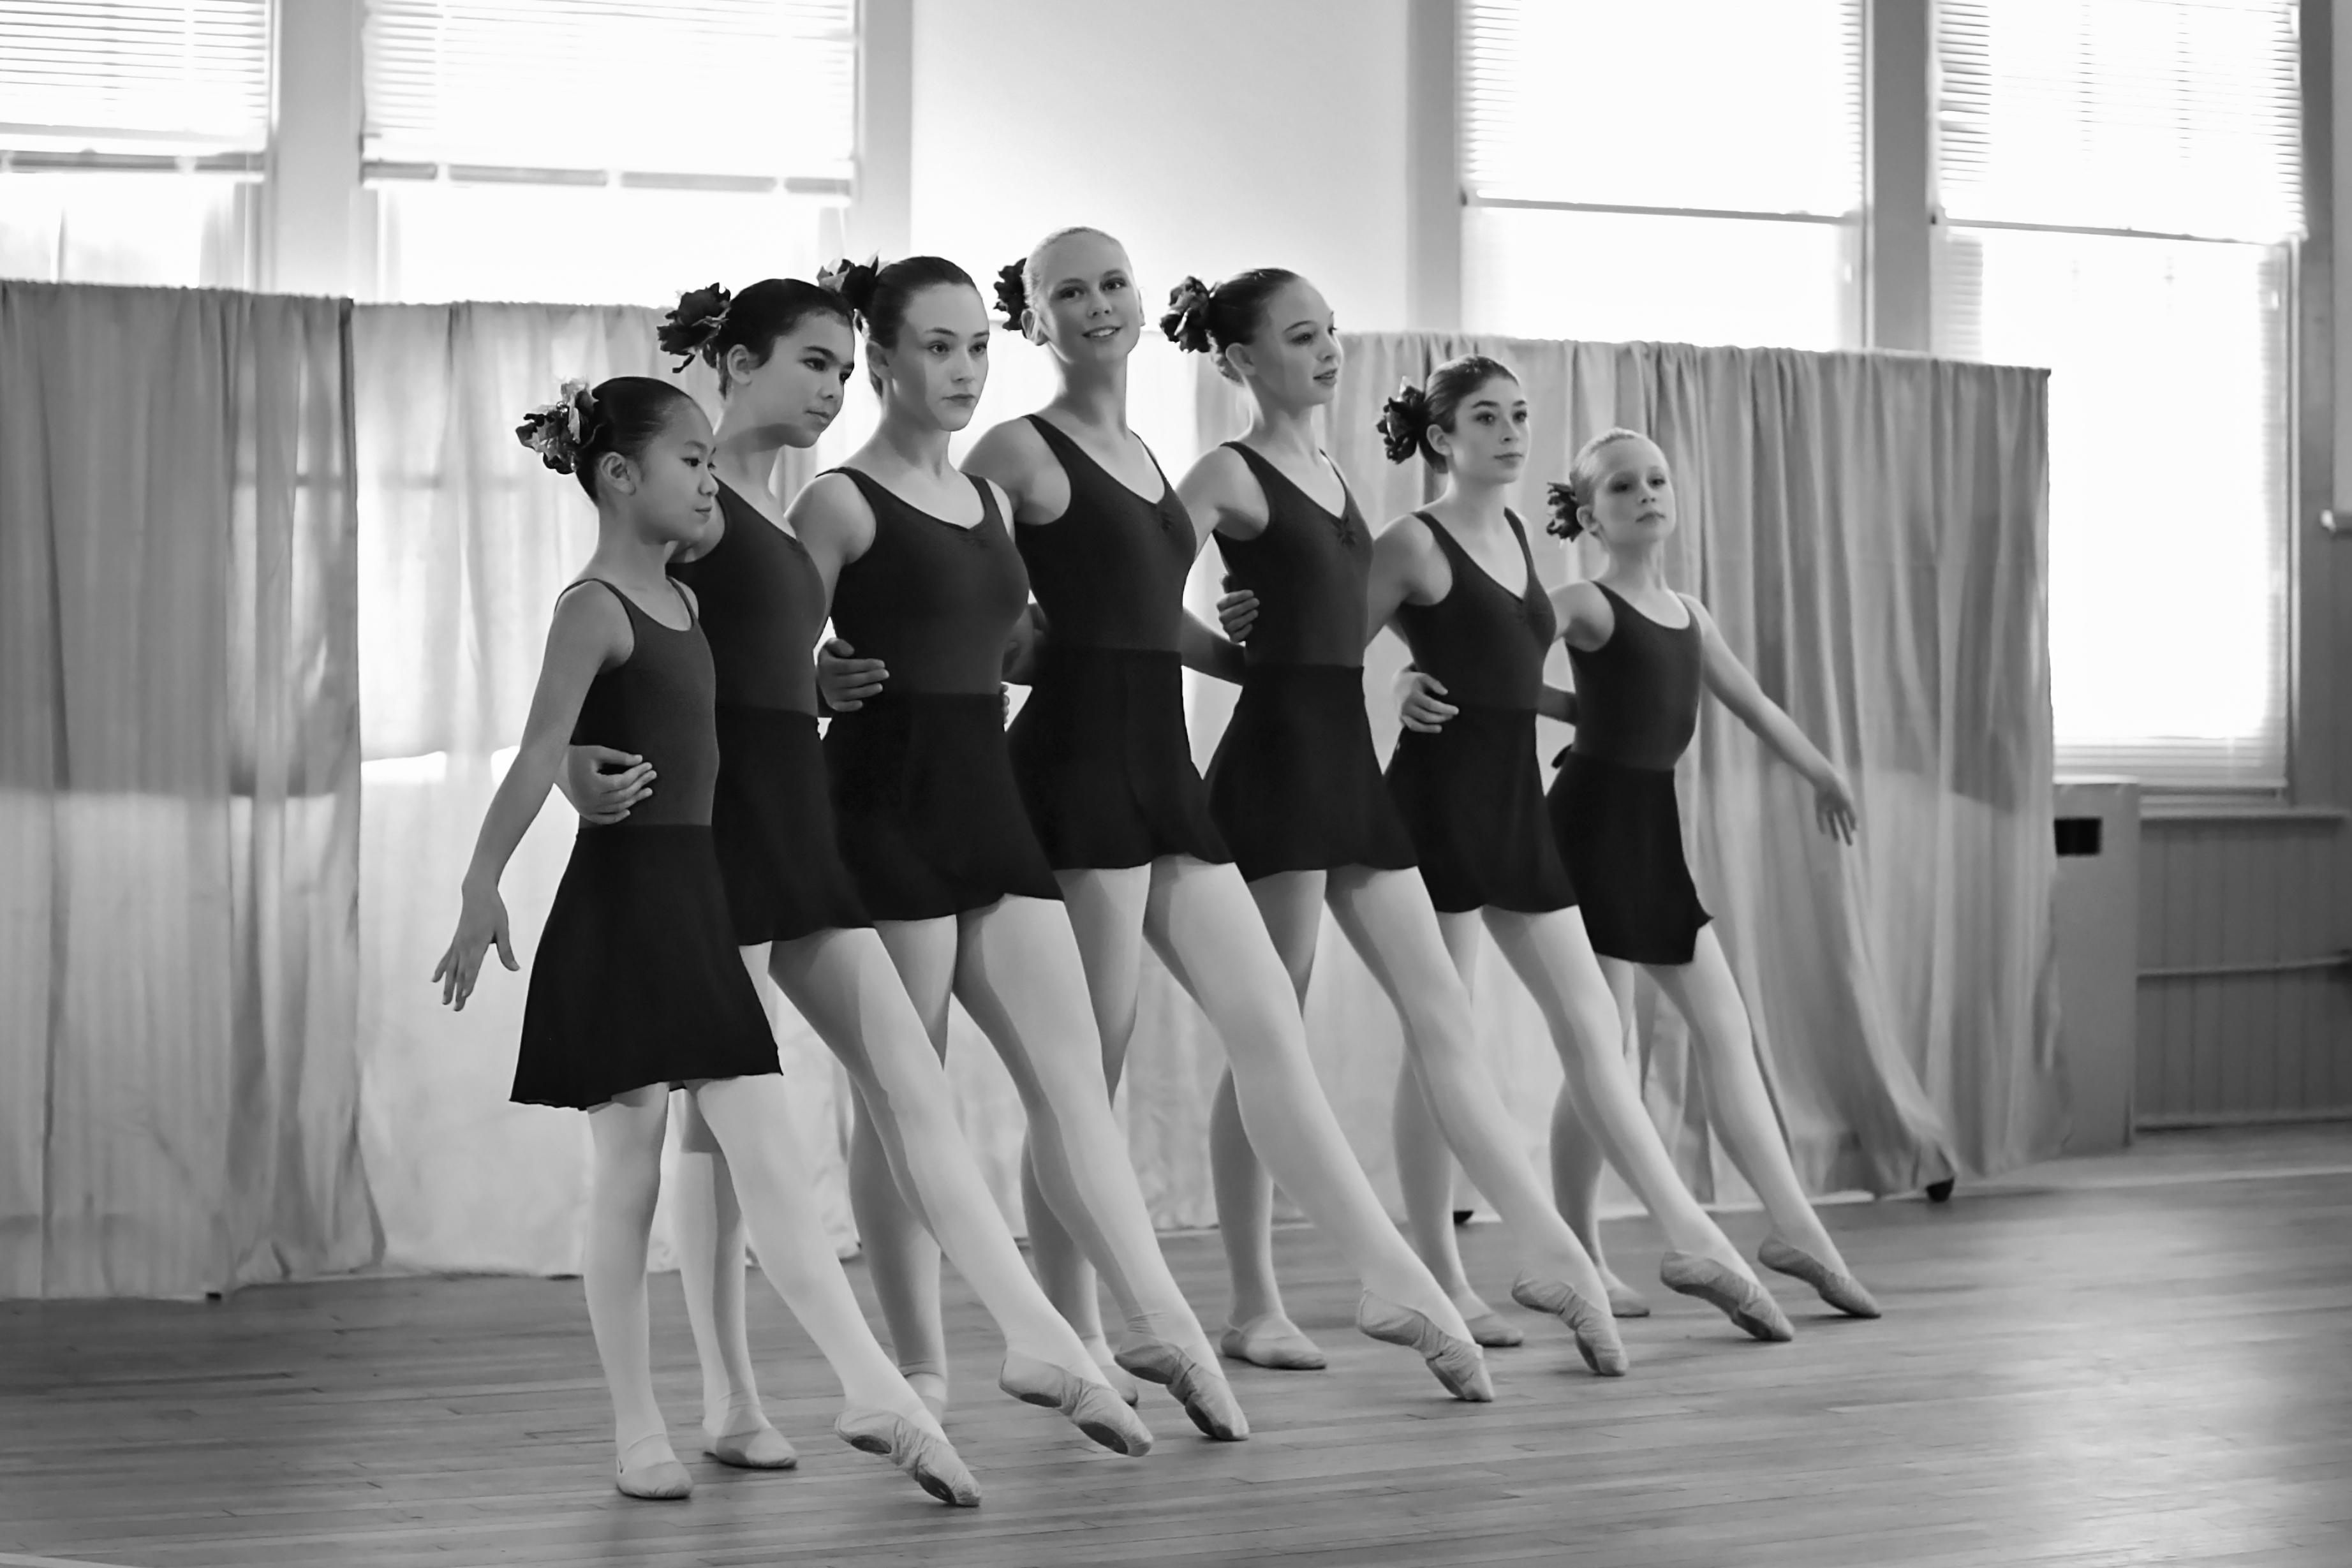 balletshow1bw